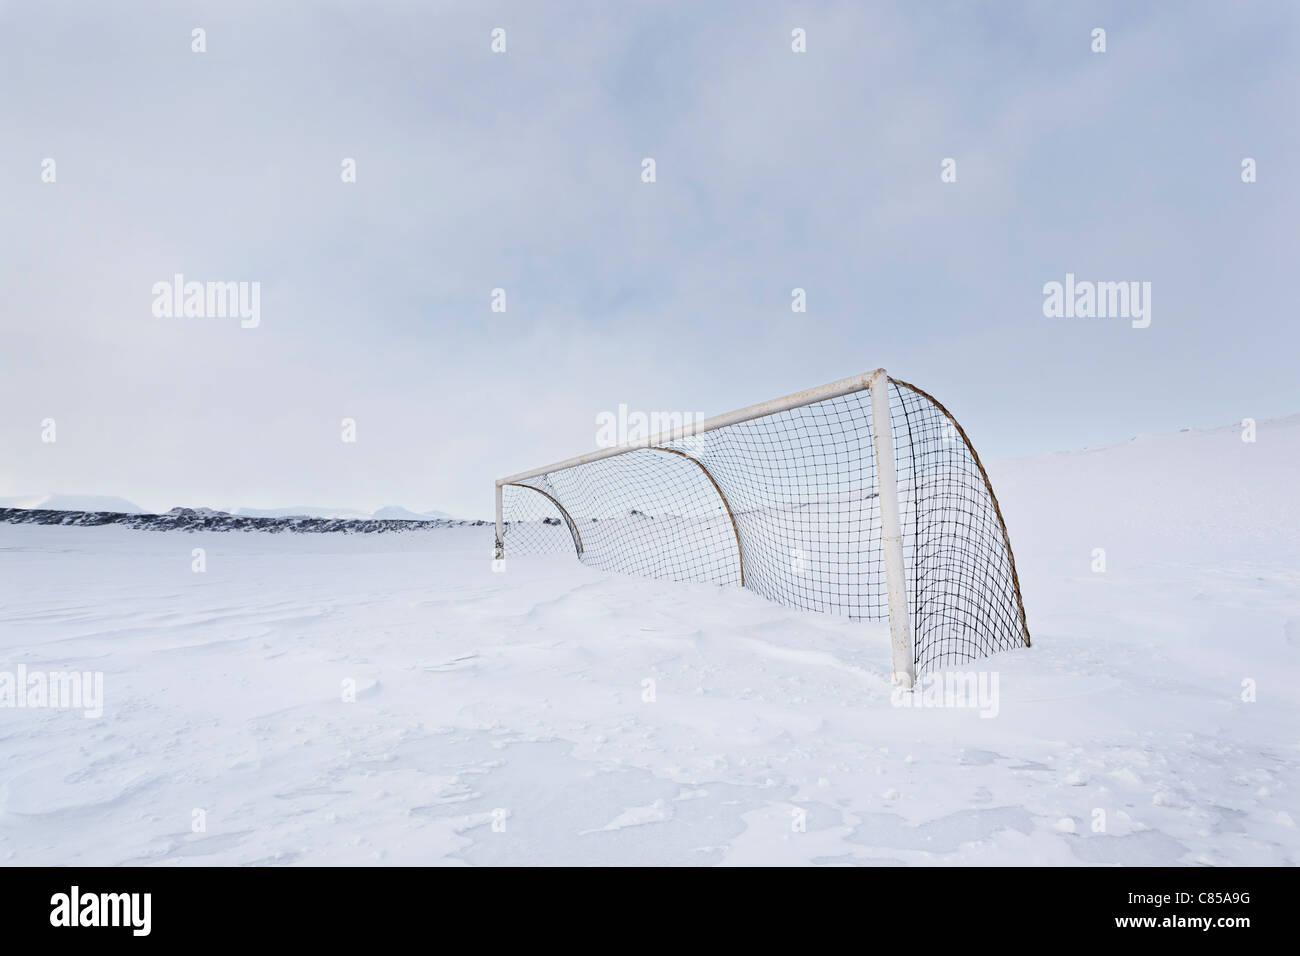 Red de Hockey en el campo cubierto de nieve Imagen De Stock